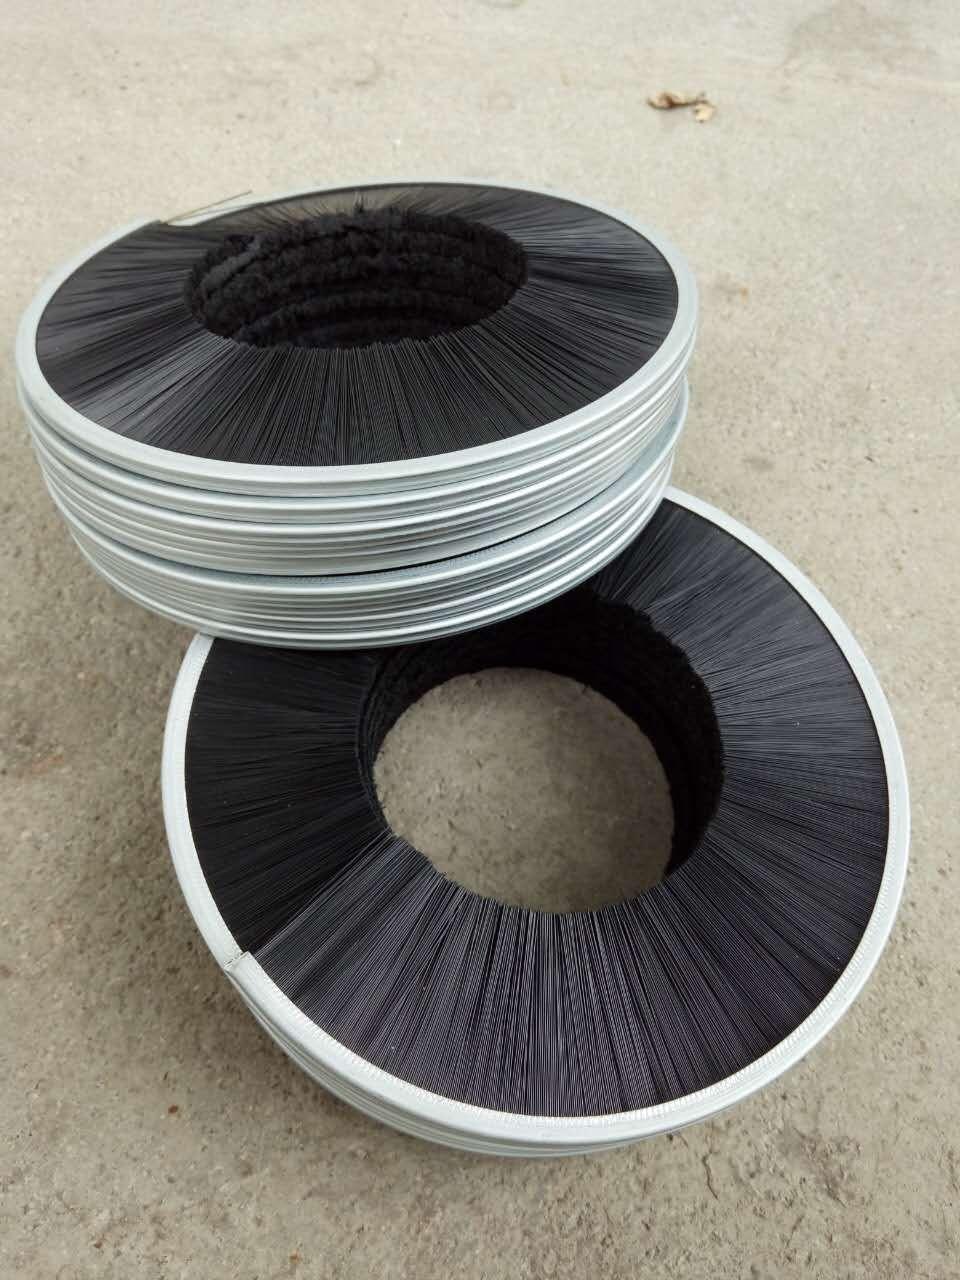 弹簧刷厂家-金制刷业提供质量好的弹簧刷